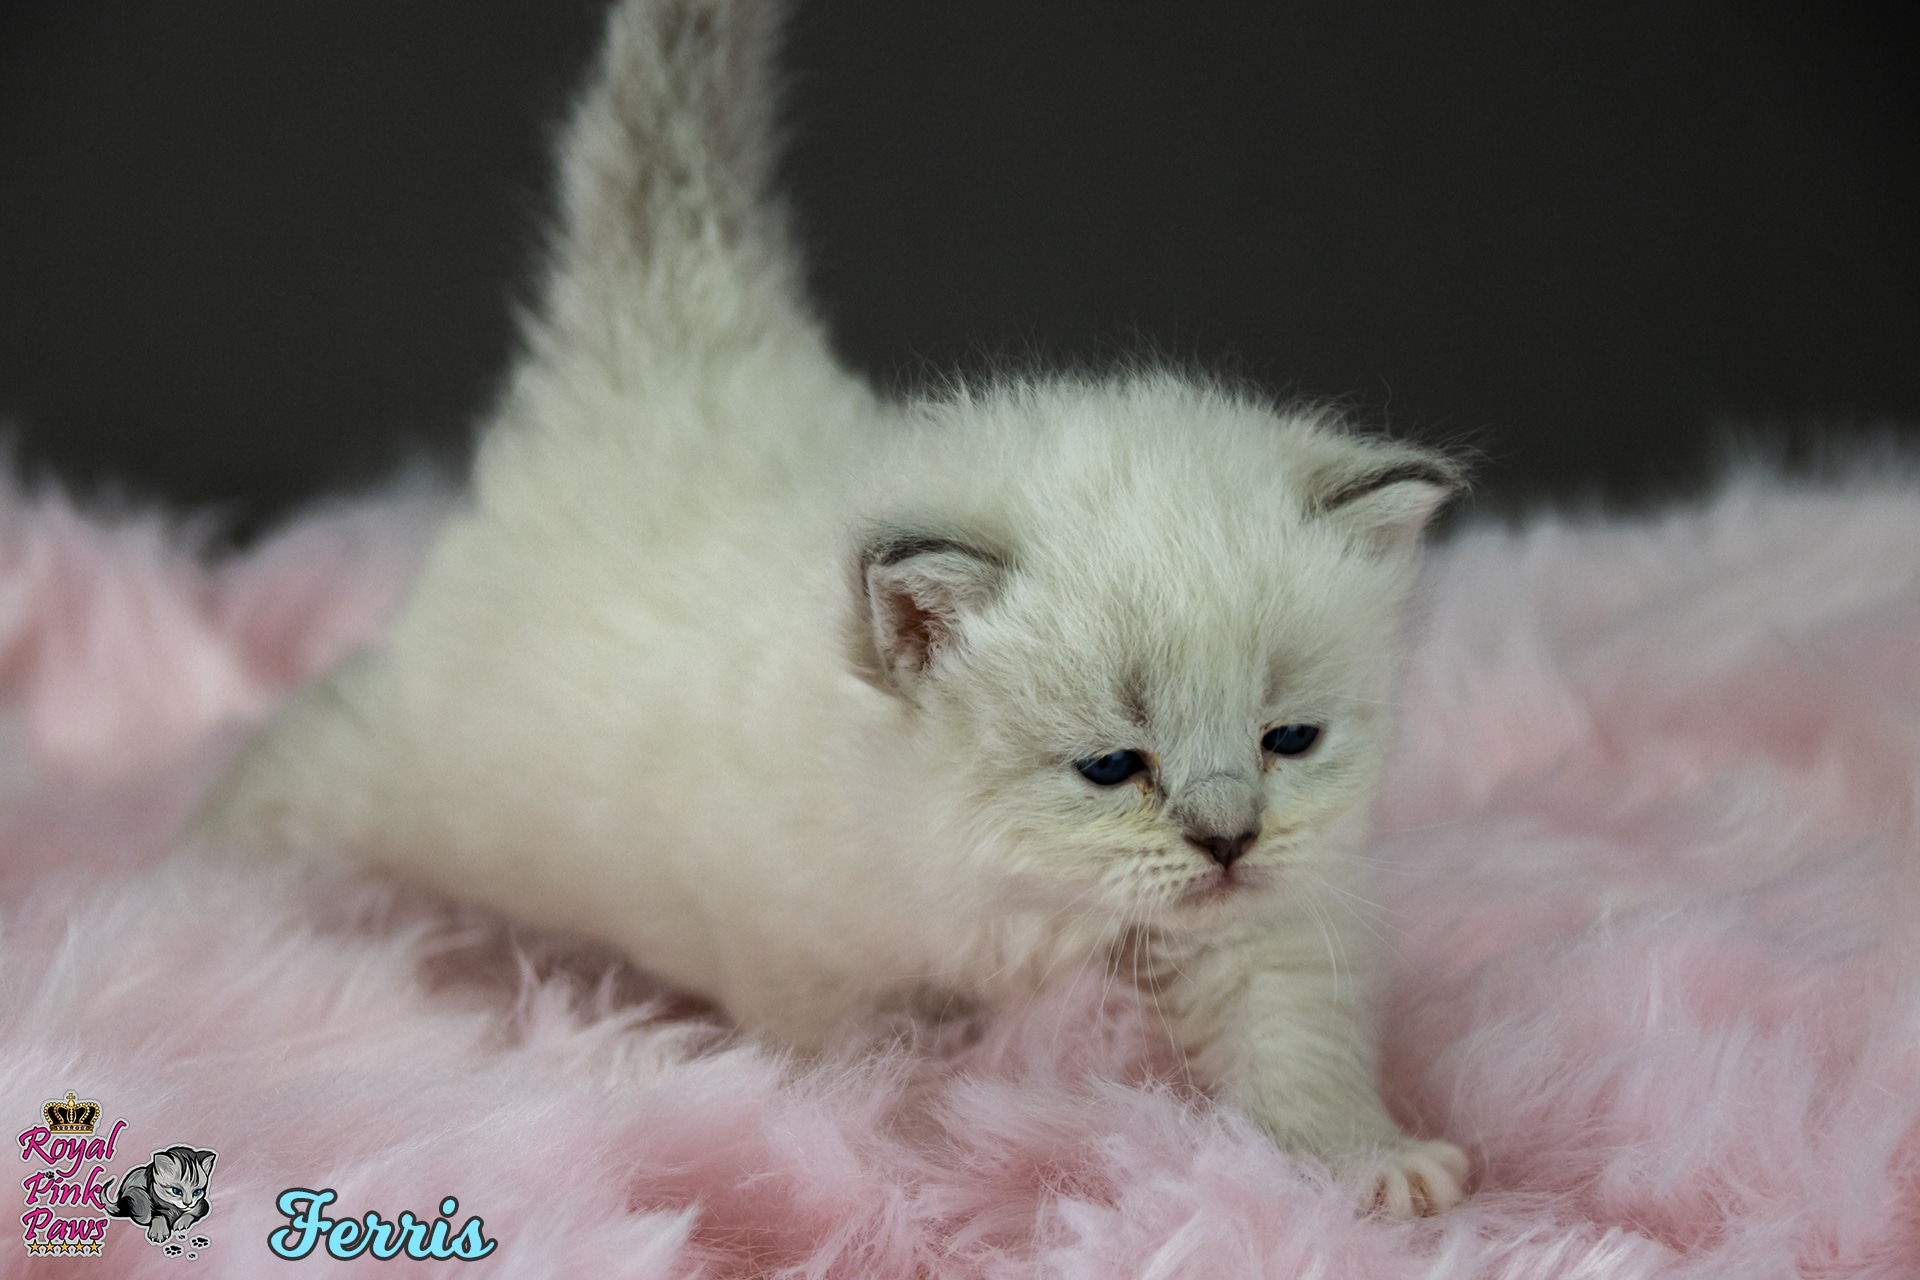 Neva Masquarade - Ferris Royal Pink Paws